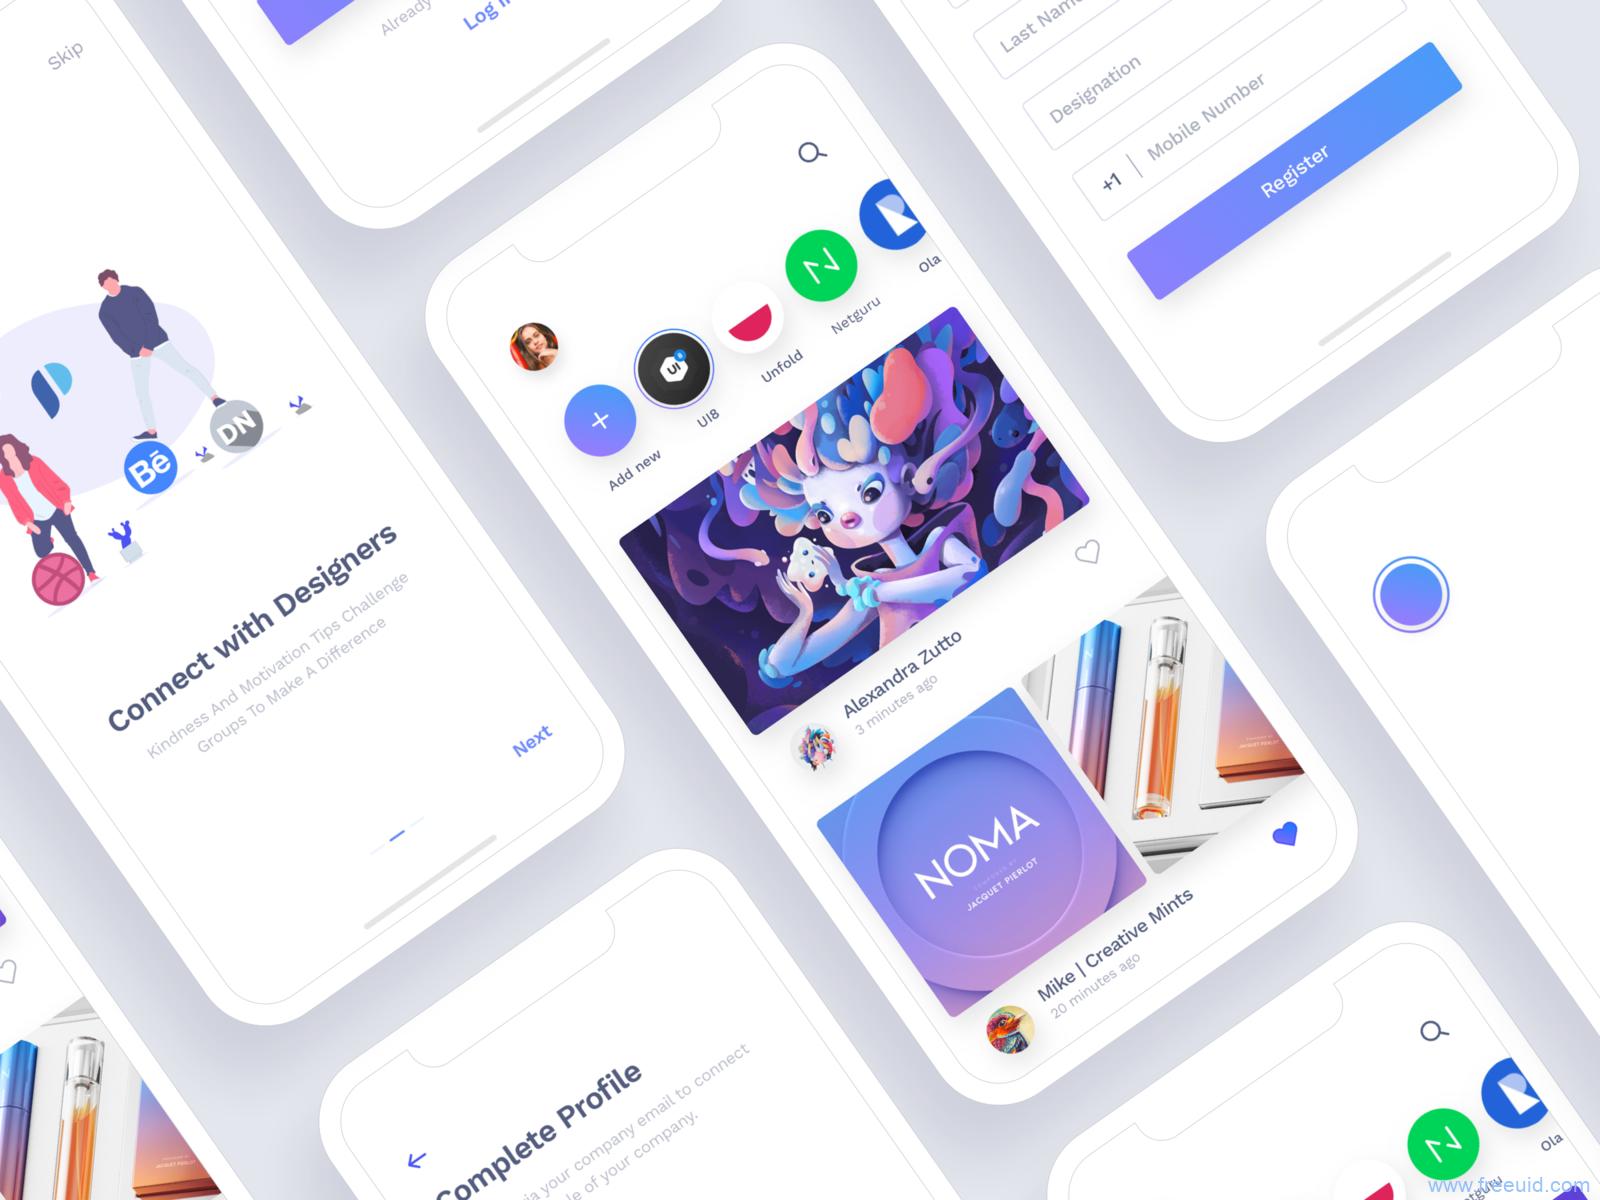 设计师平台设计作品展示app ui kit下载,UI资源下载,UI素材免费下载